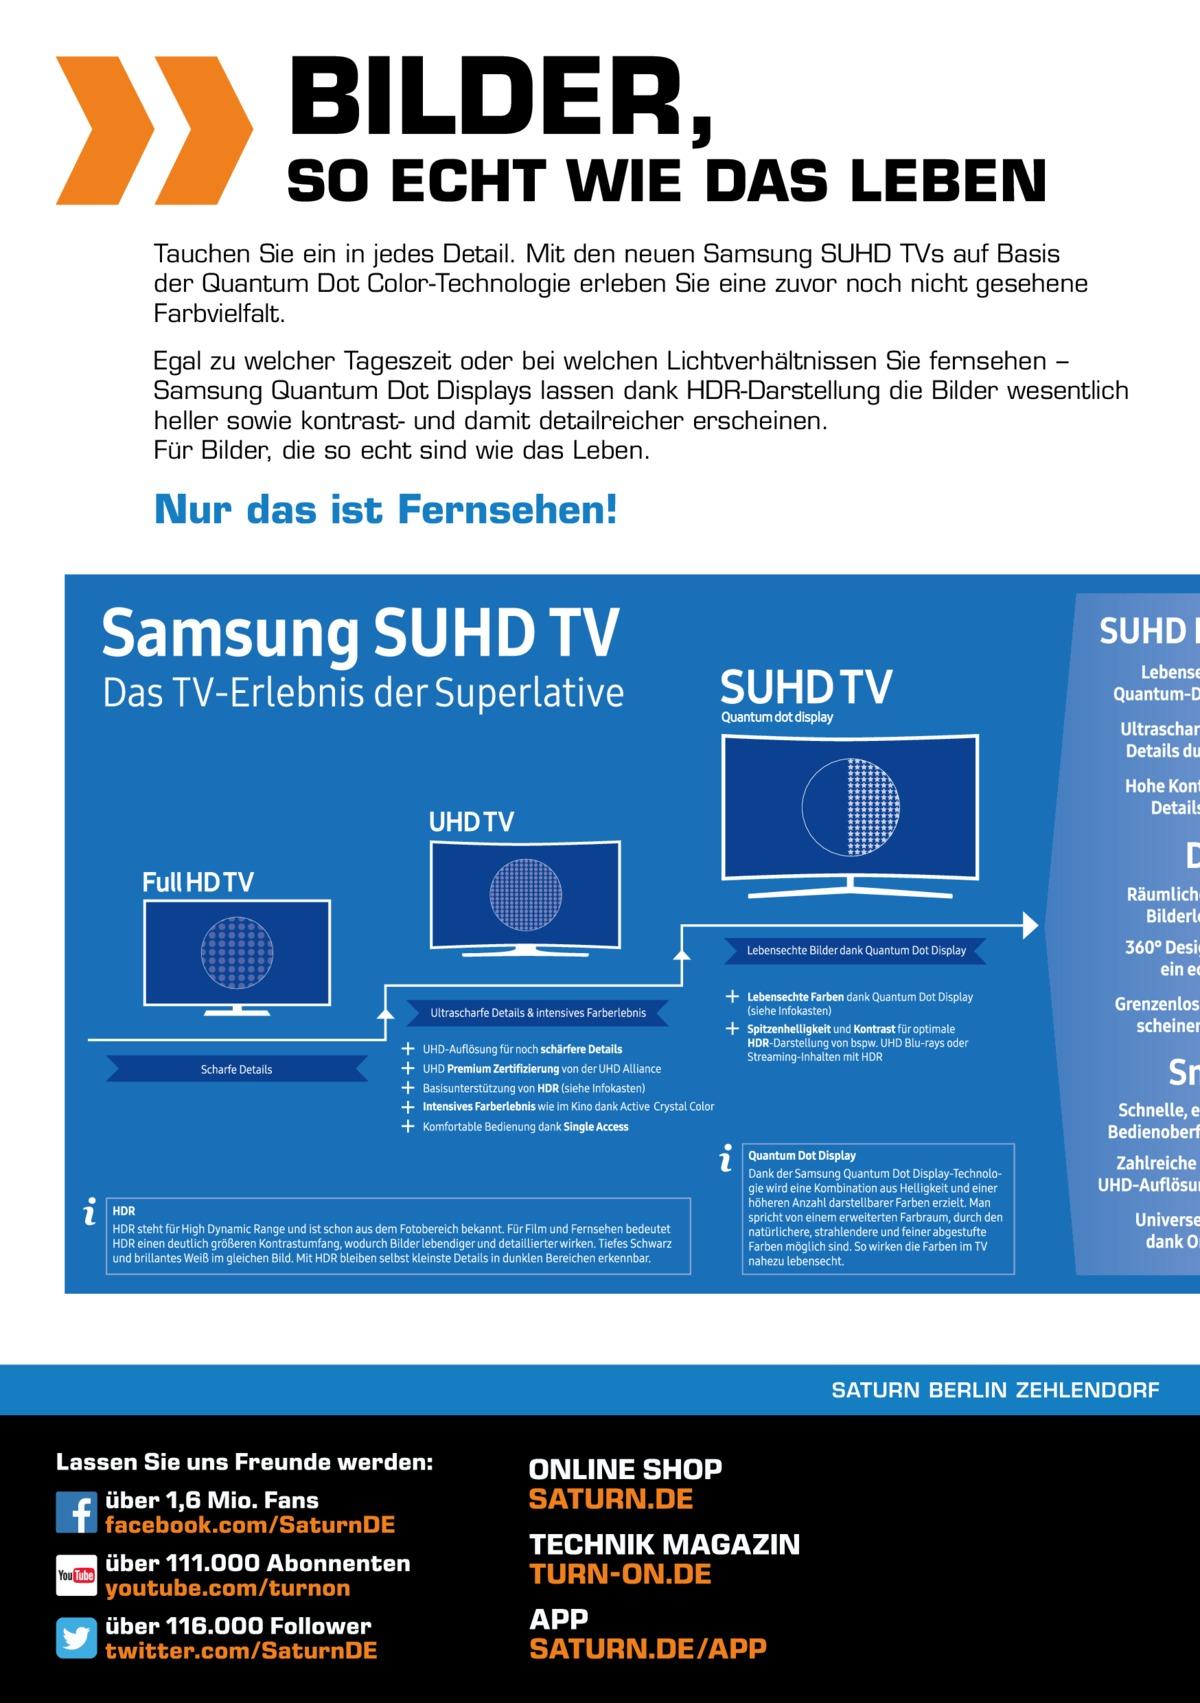 16  BILDER,  SO ECHT WIE DAS LEBEN Tauchen Sie ein in jedes Detail. Mit den neuen Samsung SUHD TVs auf Basis der Quantum Dot Color-Technologie erleben Sie eine zuvor noch nicht gesehene Farbvielfalt. Egal zu welcher Tageszeit oder bei welchen Lichtverhältnissen Sie fernsehen − Samsung Quantum Dot Displays lassen dank HDR-Darstellung die Bilder wesentlich heller sowie kontrast- und damit detailreicher erscheinen. Für Bilder, die so echt sind wie das Leben.  Nur das ist Fernsehen!  SATURN BERLIN ZEHLENDORF